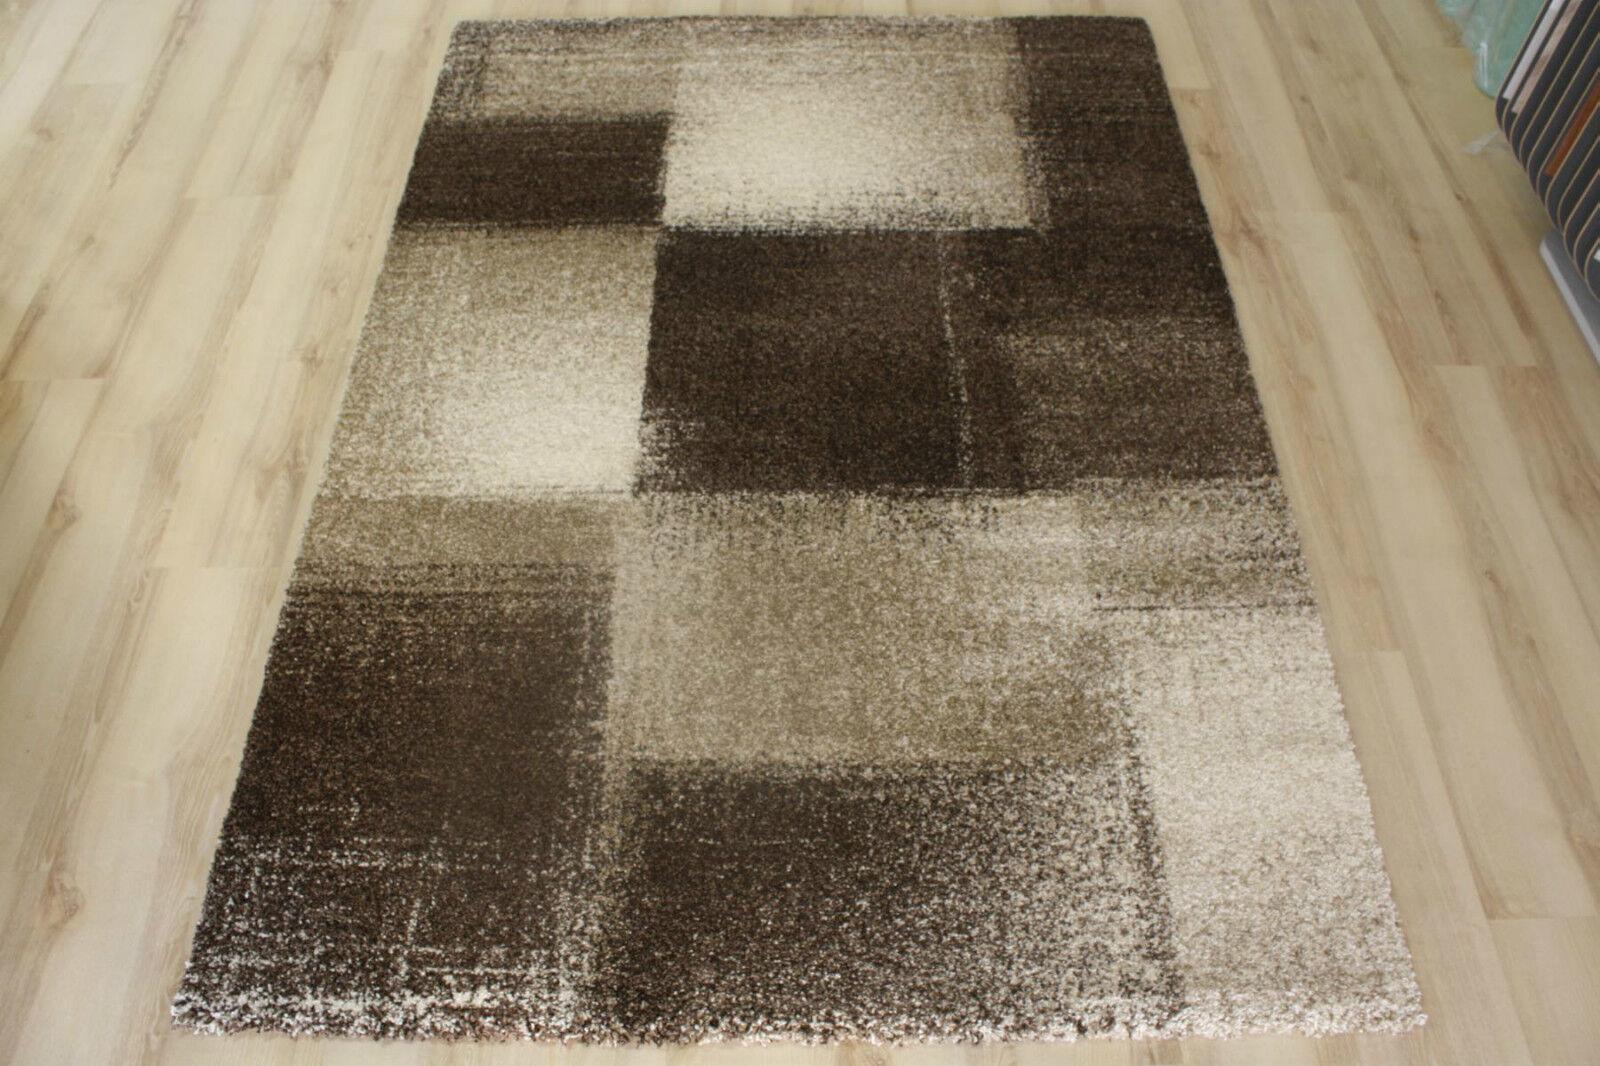 ASTRA samoa tapis 6870 151 060 Marron 160x230cm NEUF